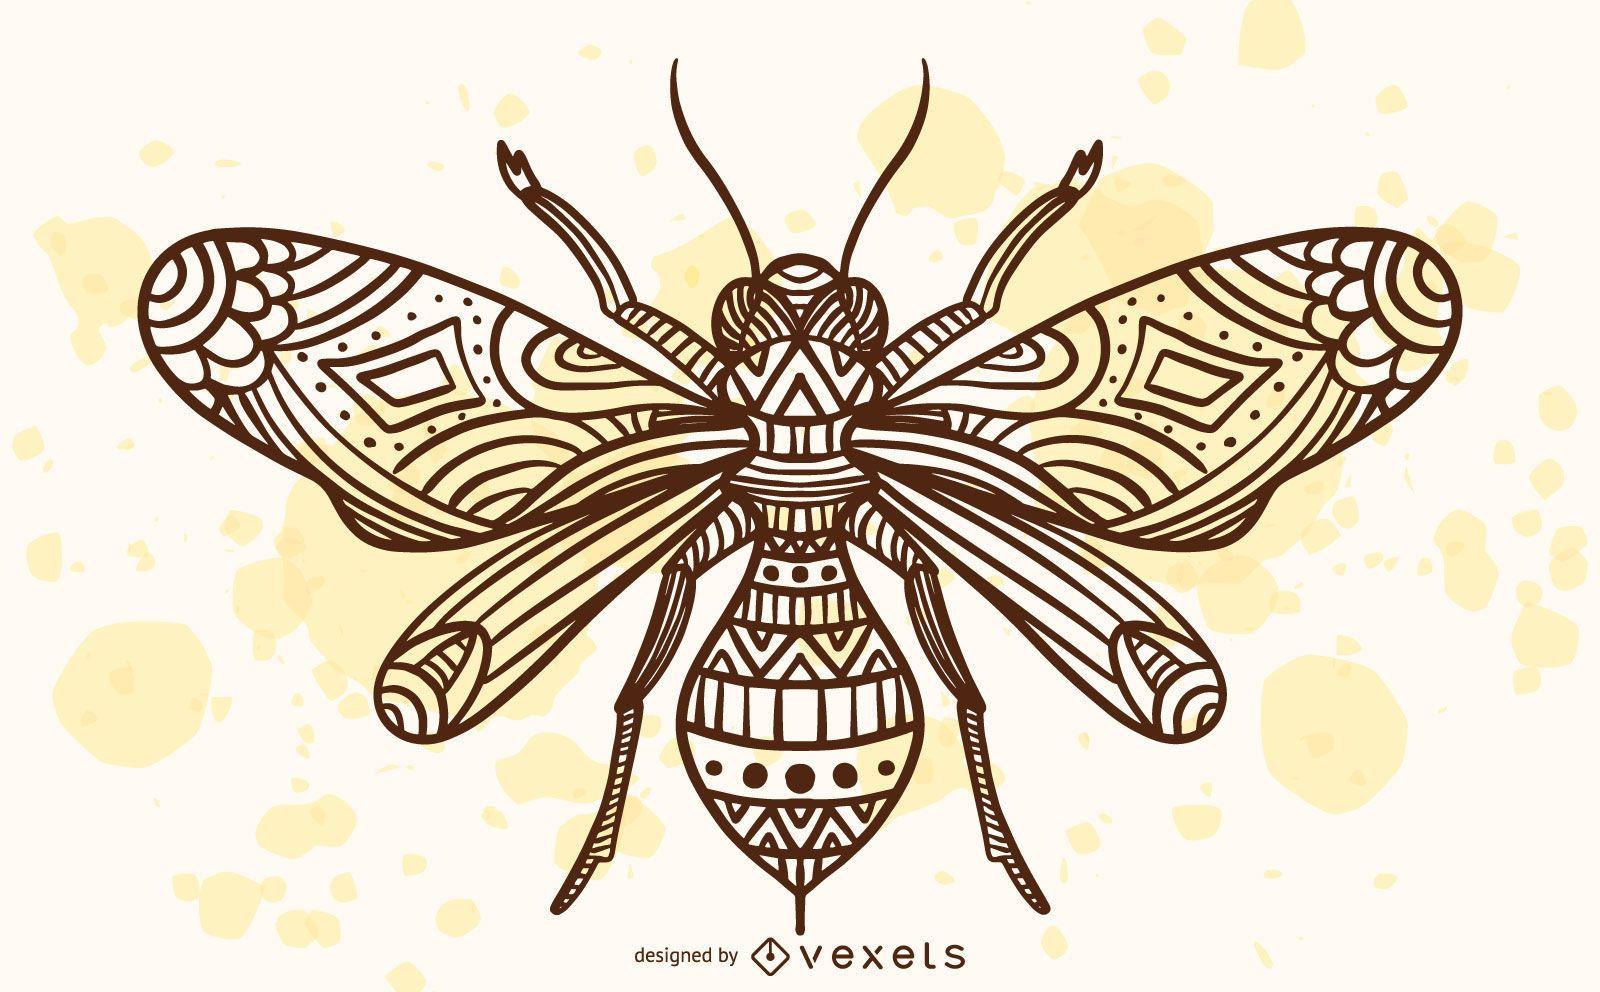 Mandala bee illustration